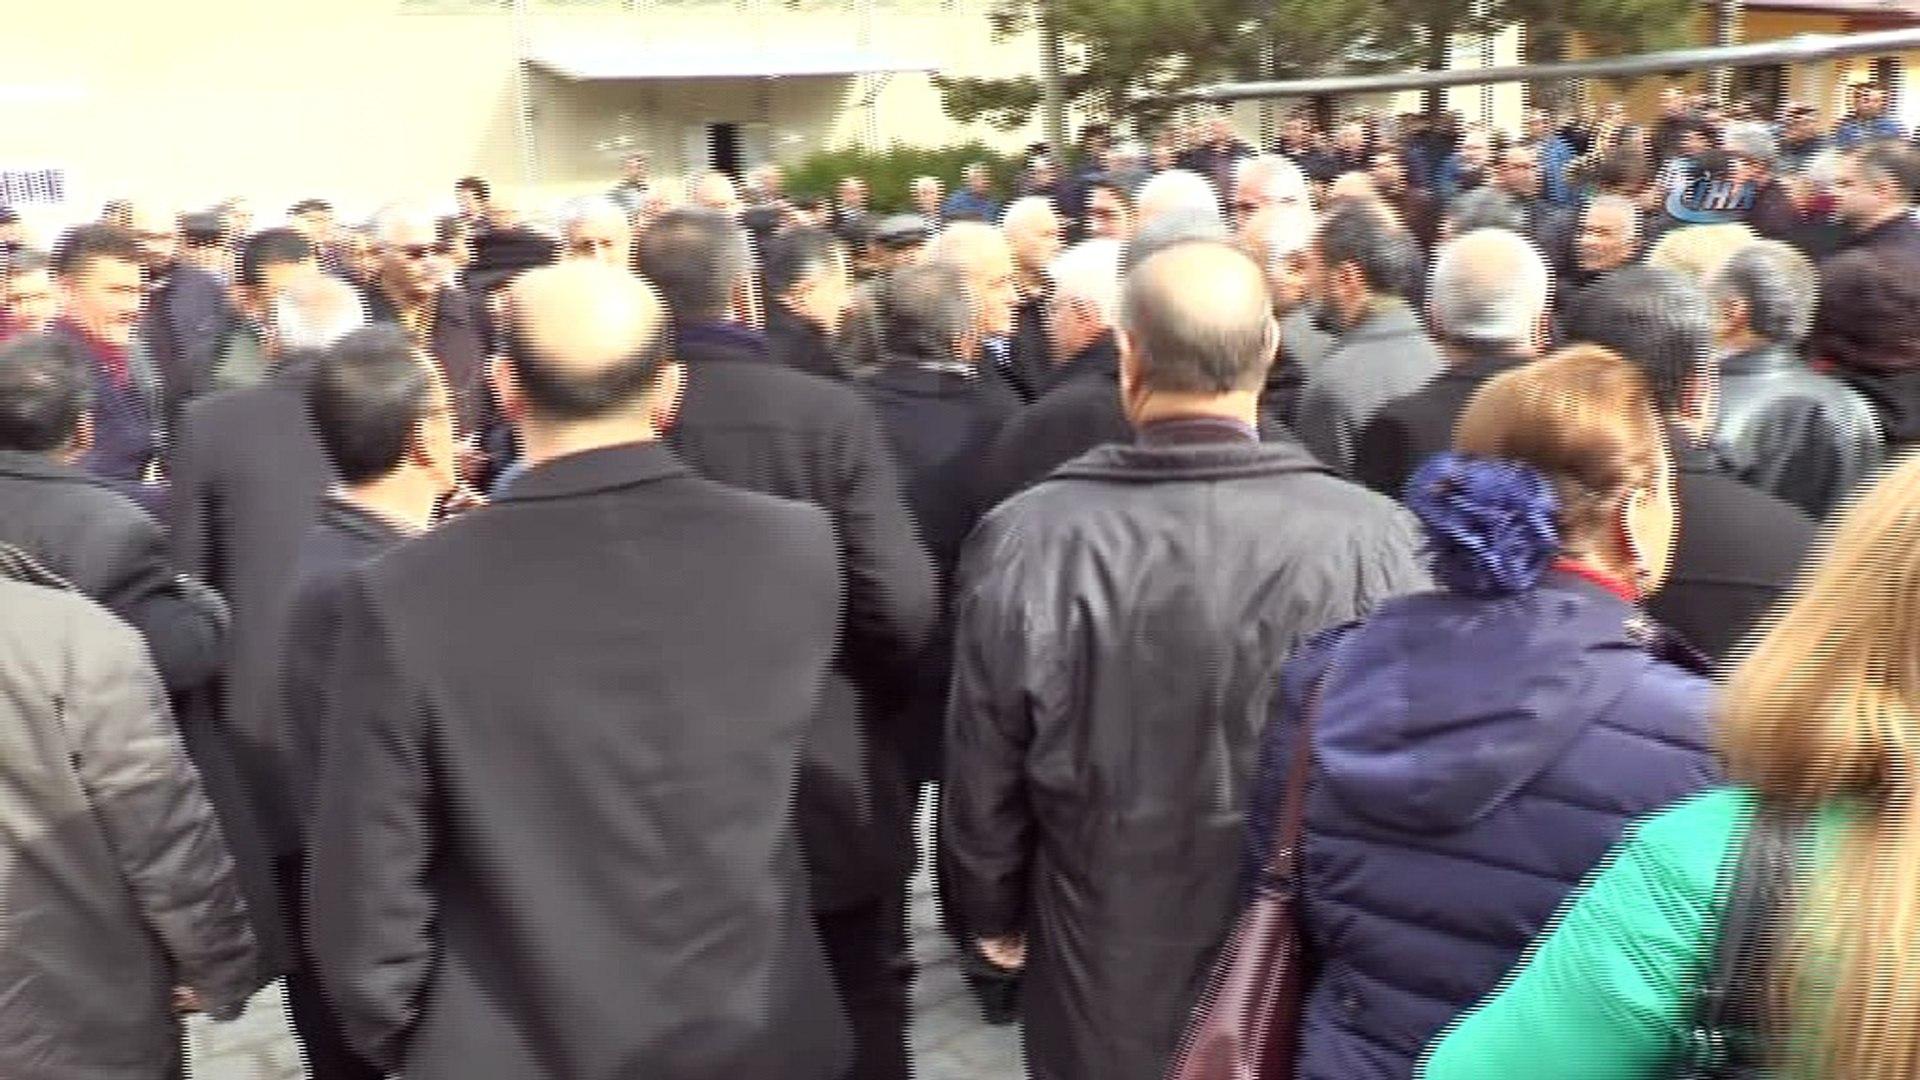 CHP Genel Başkan Yardımcısı Veli Ağbaba: 'Yerli ve milli tartışmalarının olduğu bugünlerde bir